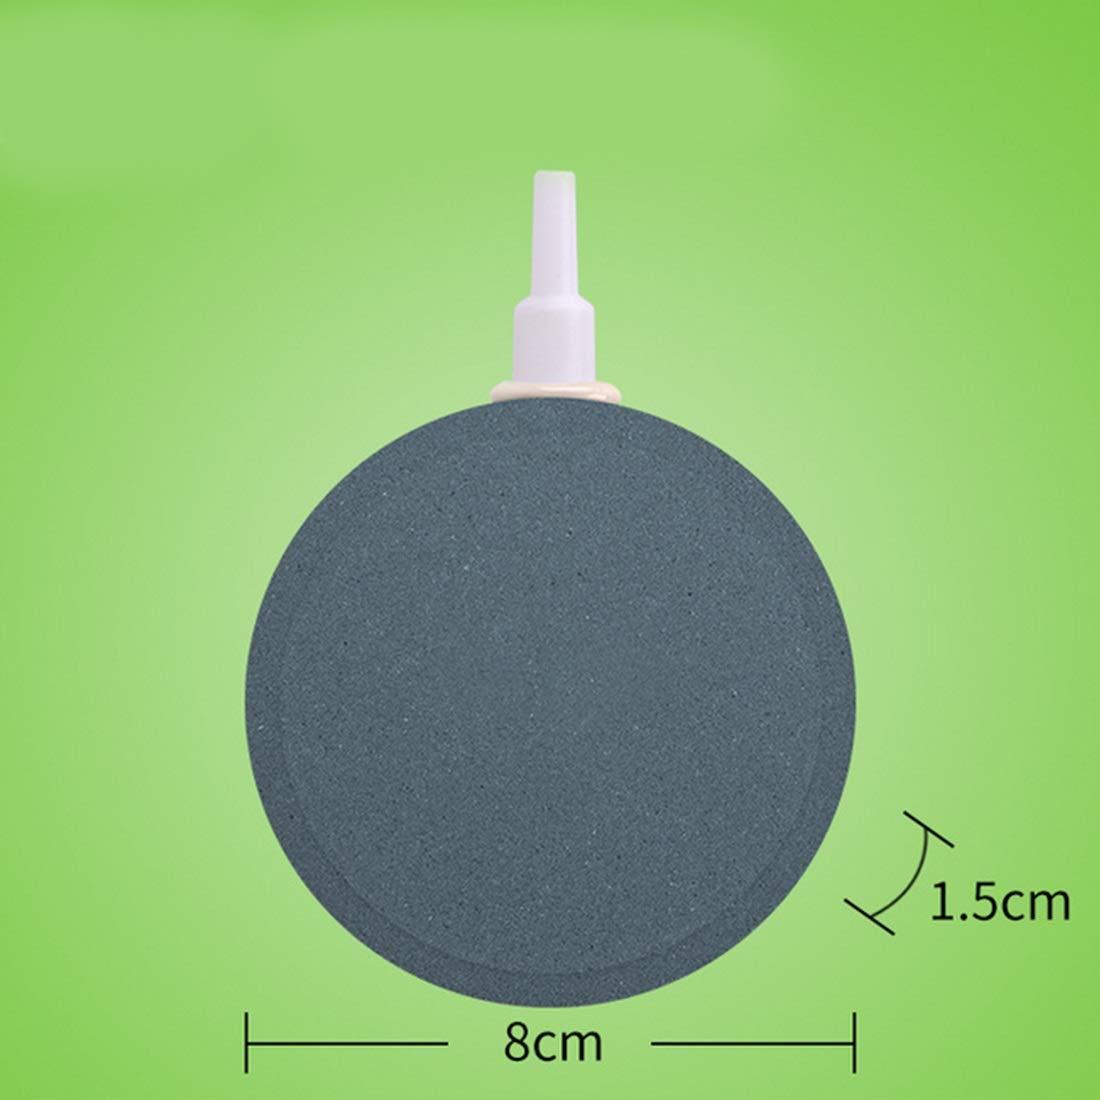 MAGAI Disco de Burbujas de Aire de Forma Redonda para Acuario, Estanque, acuaponia, hidroponía (Size : 6CM): Amazon.es: Hogar